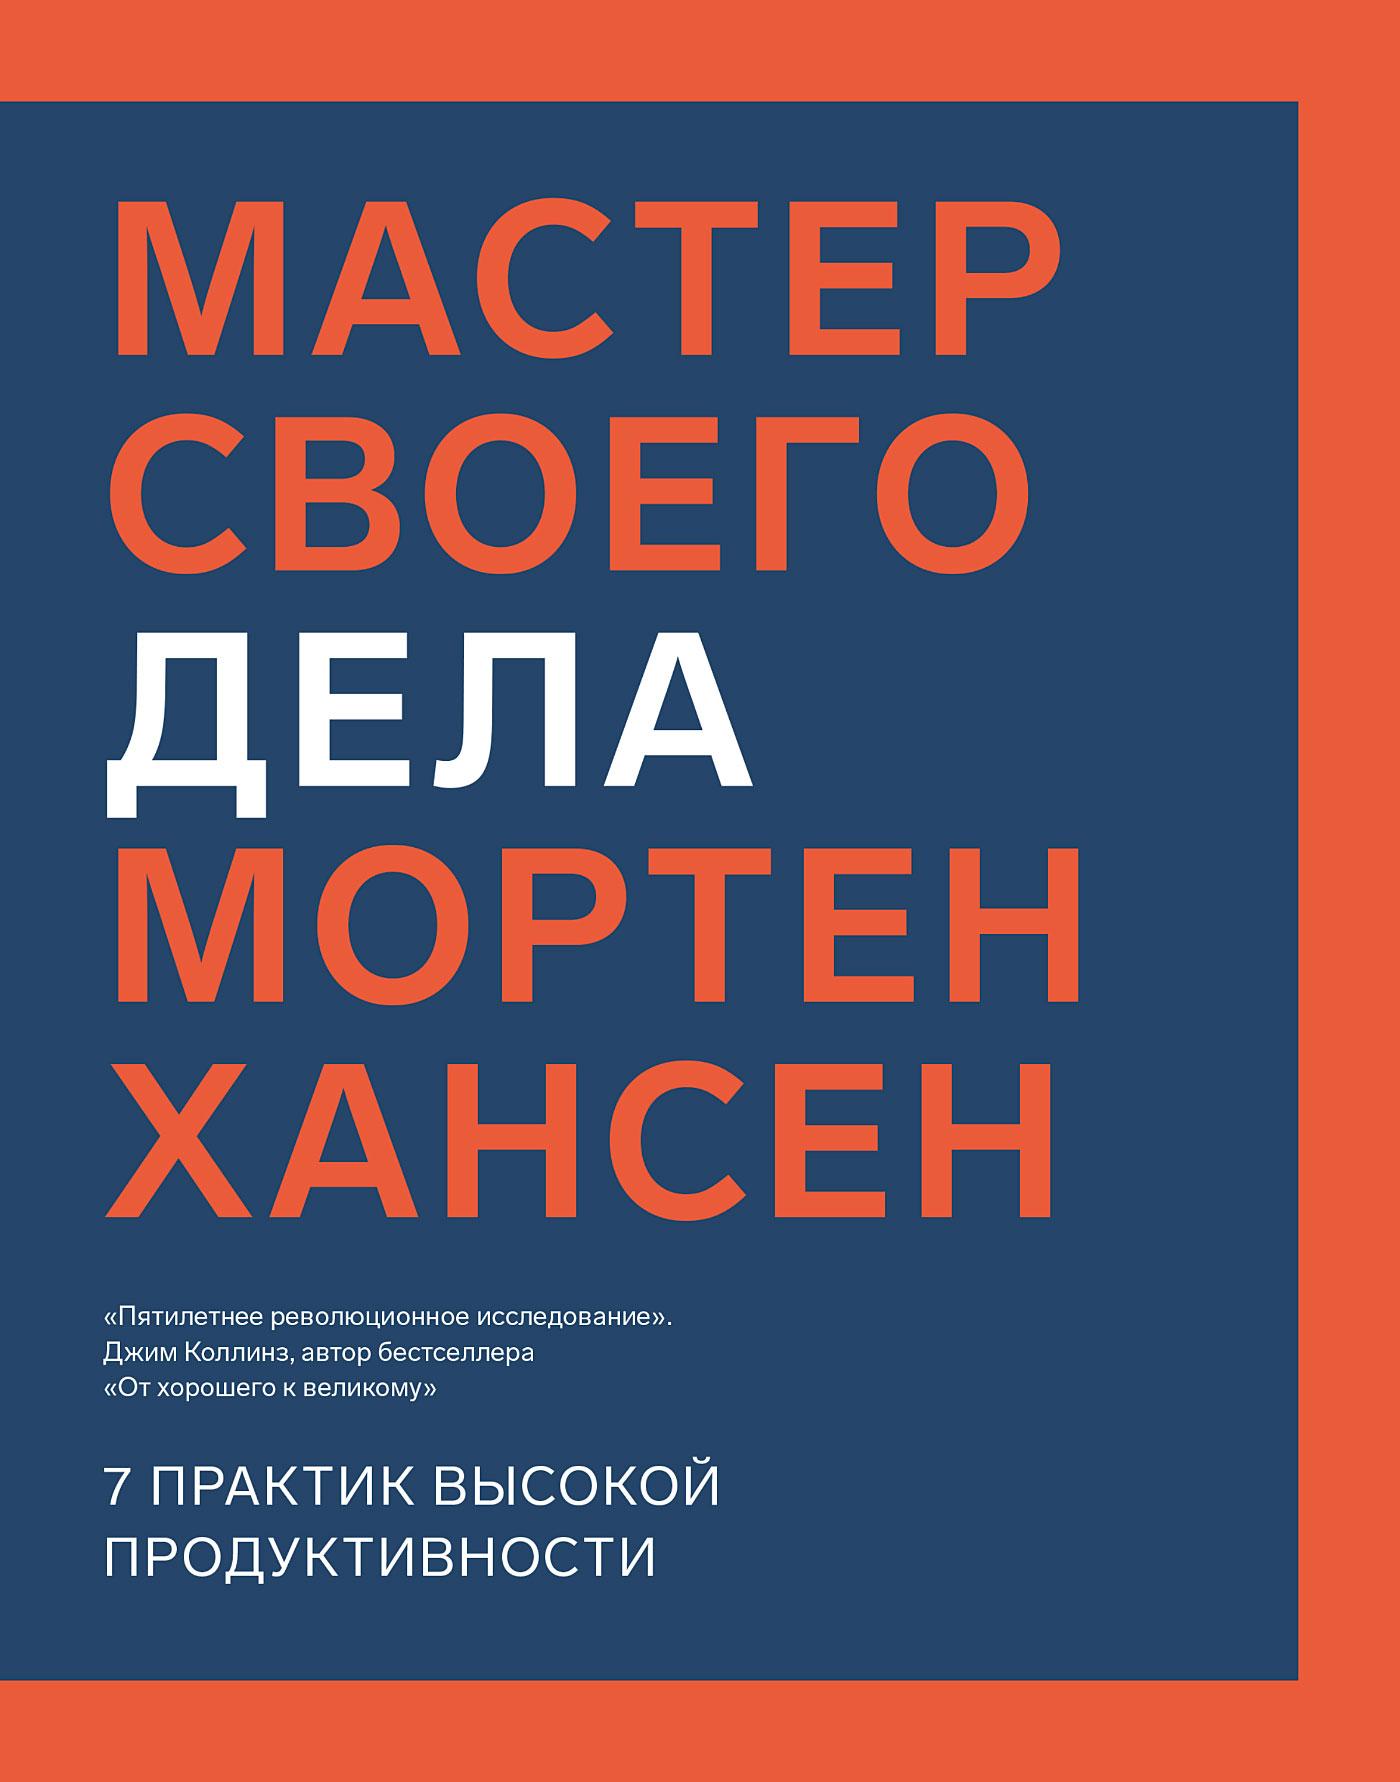 Обложка книги Мастер своего дела. Семь практик высокой продуктивности